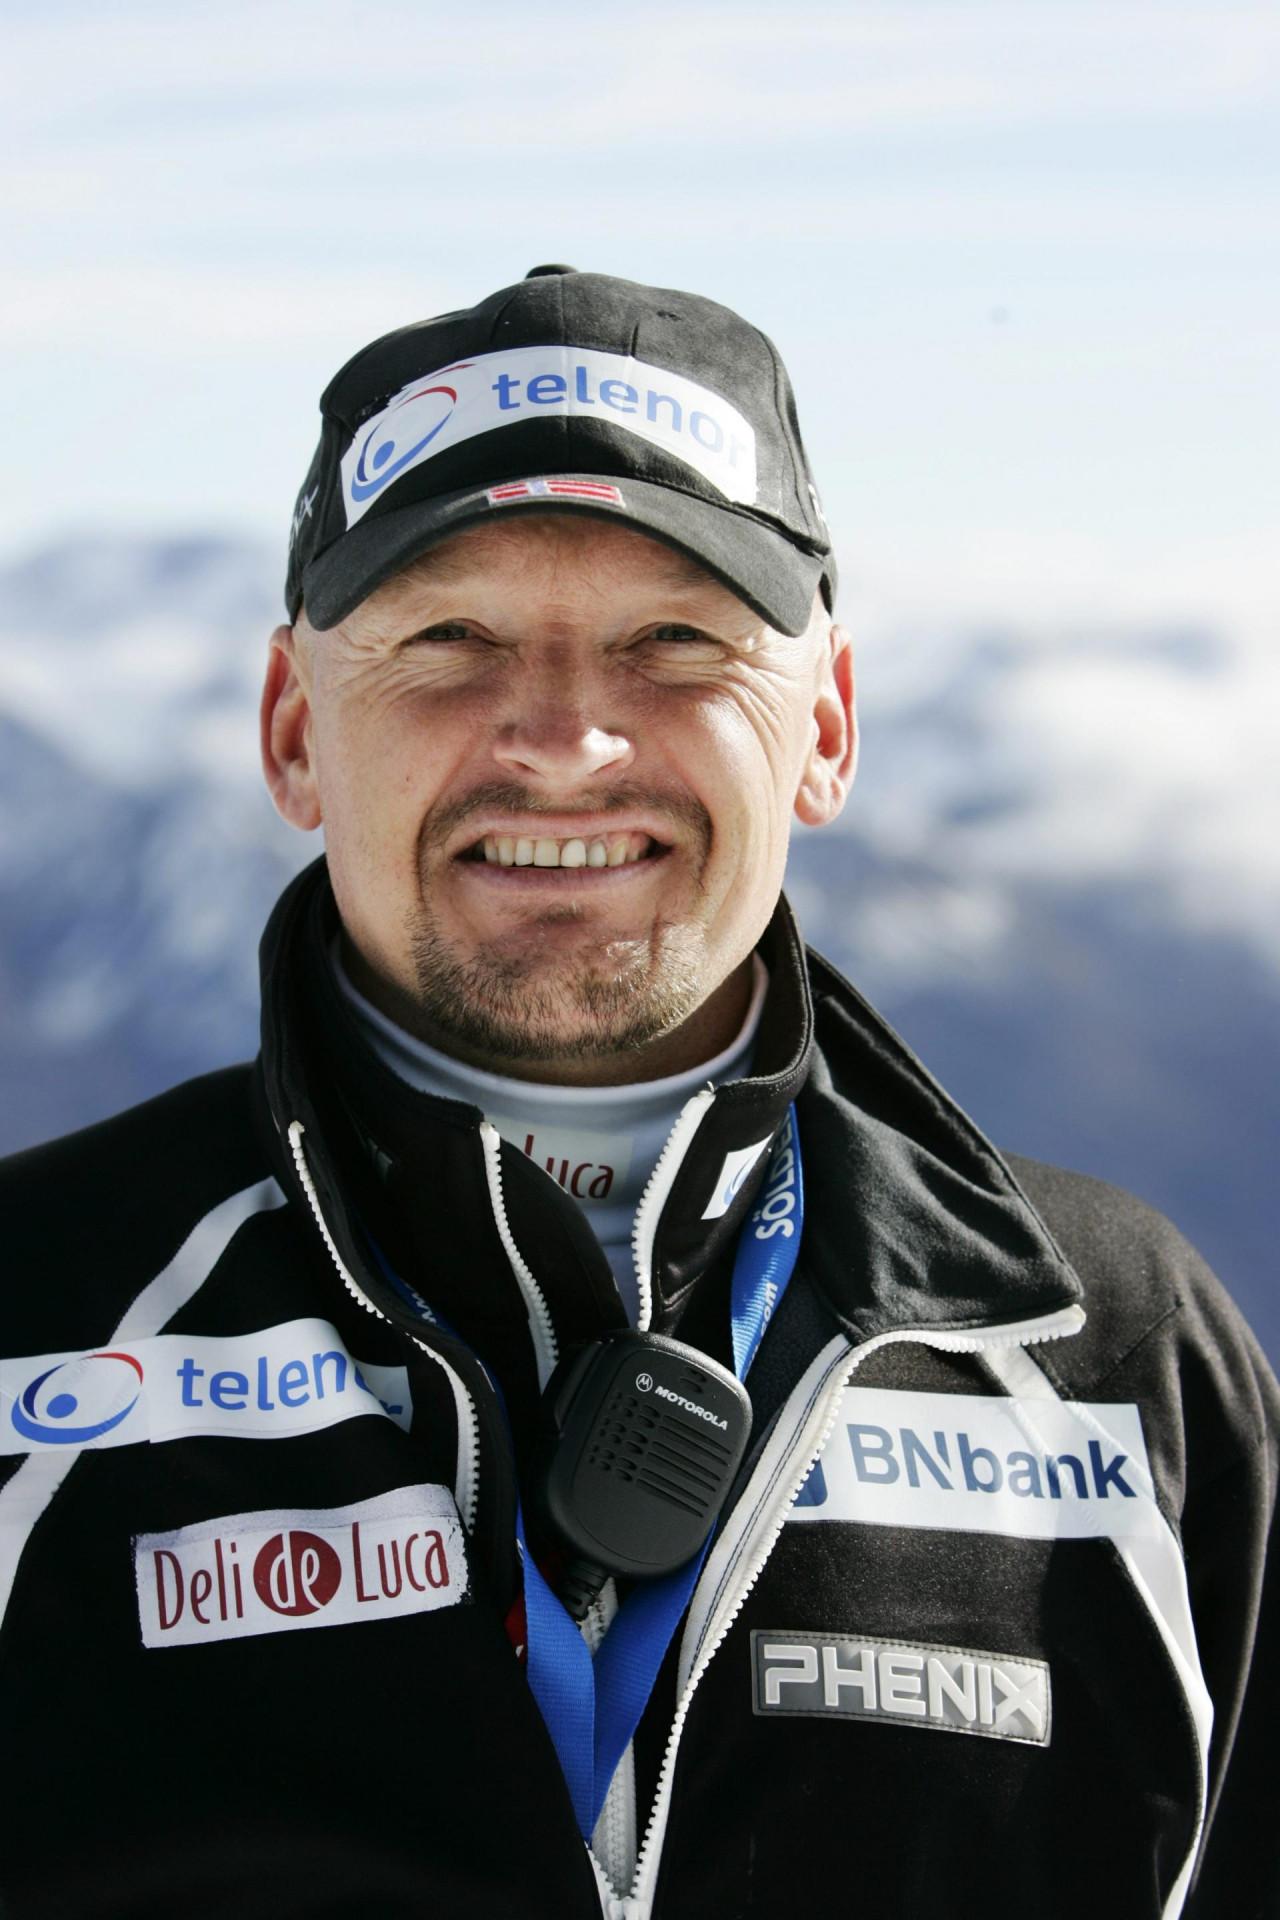 Finn Christian Jagge Todesursache